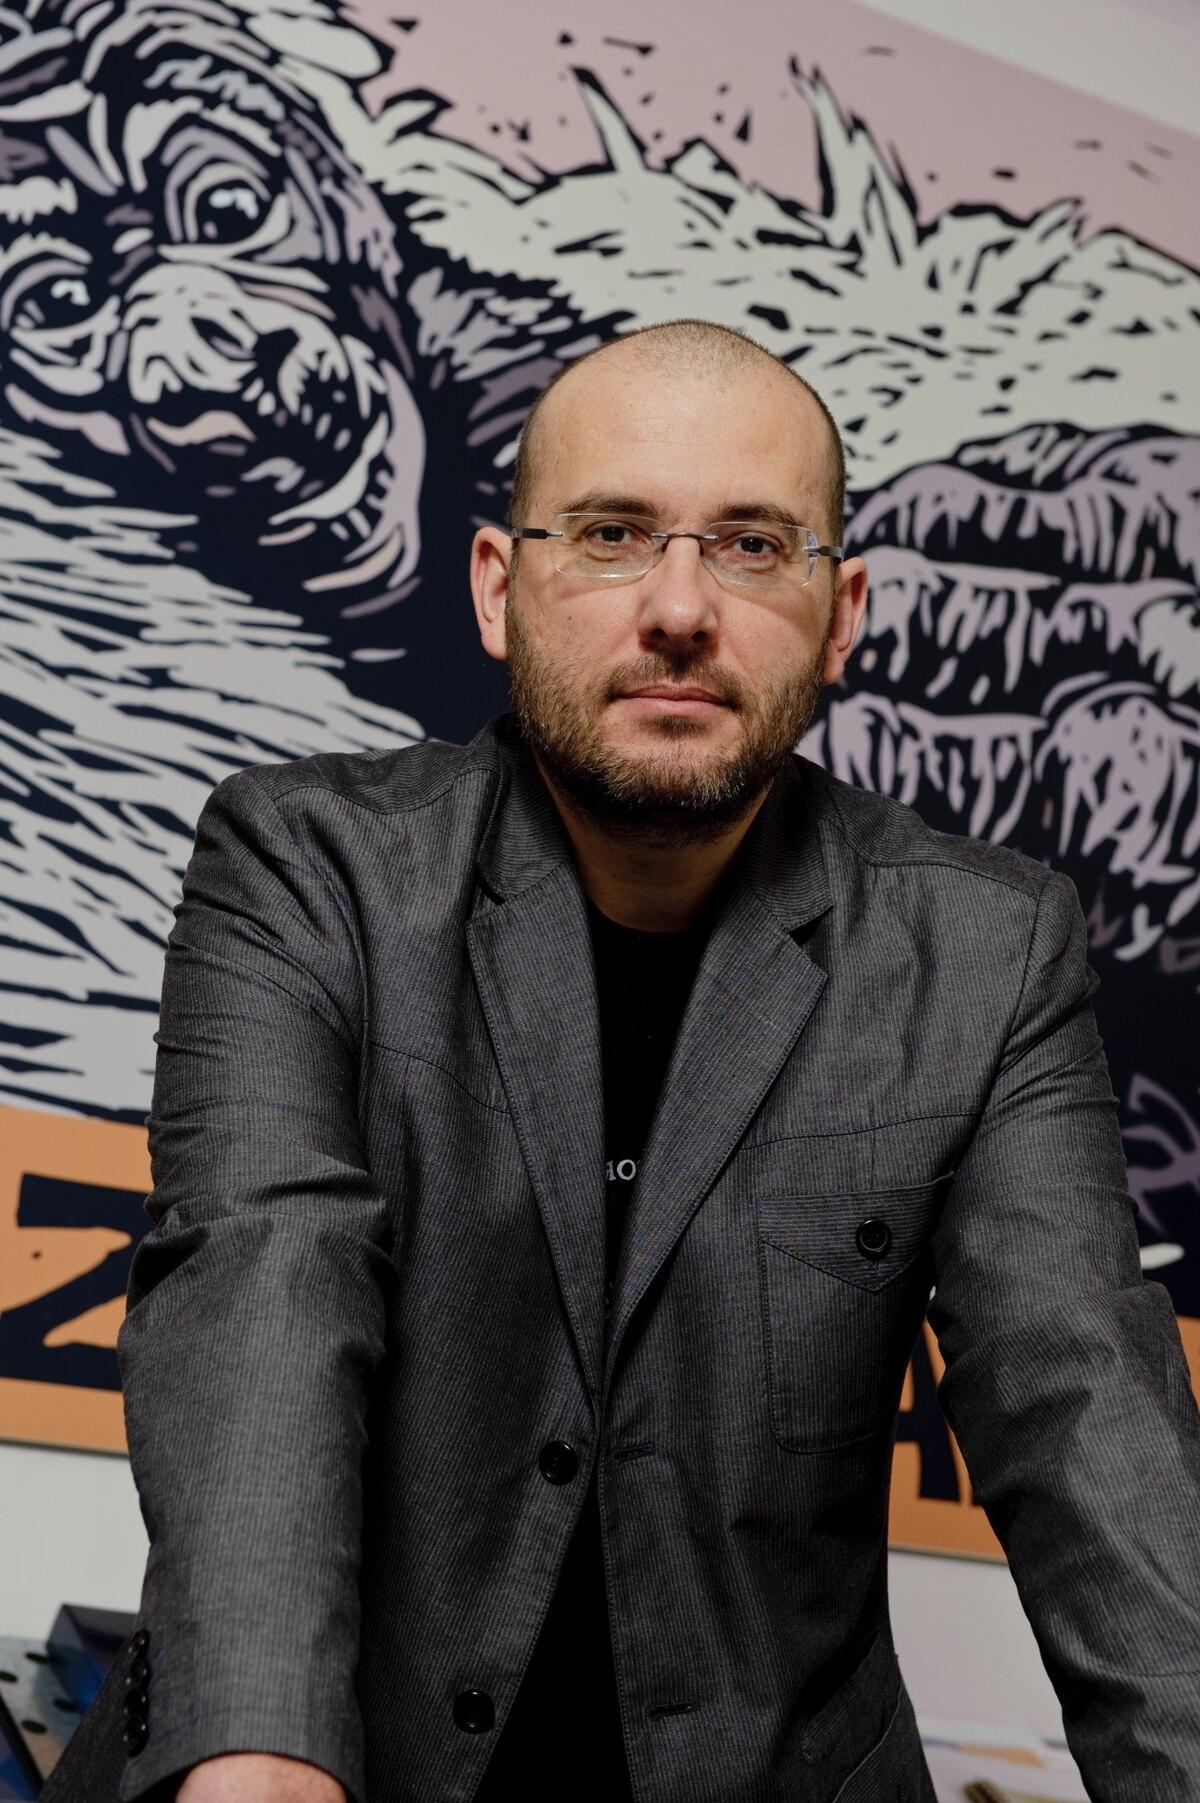 Miroslav Bobek - Wikidata